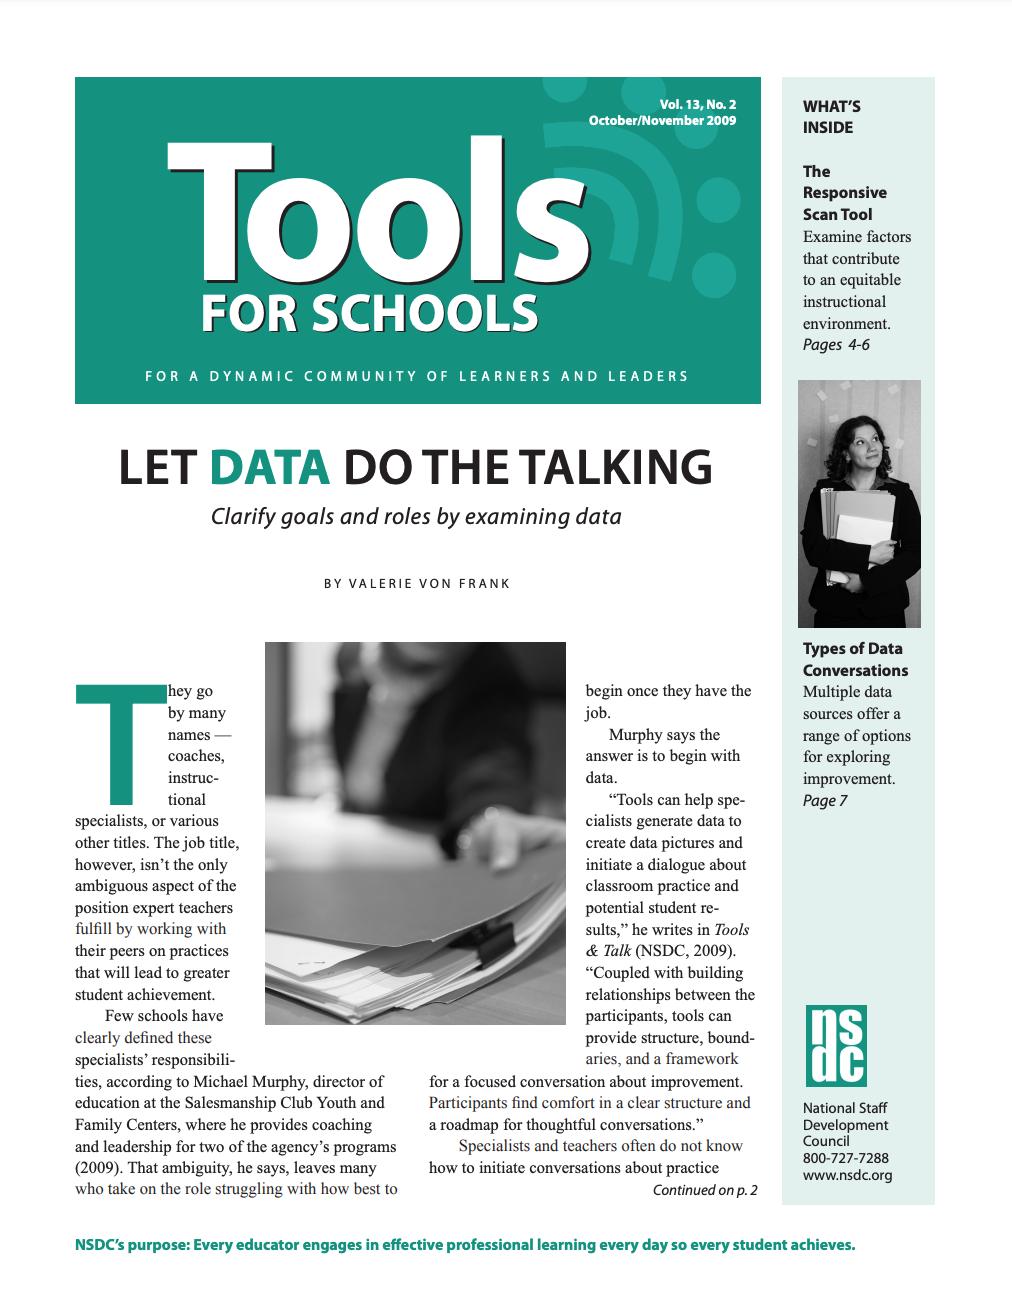 tools-for-schools-october-november-2009-vol-13-no-2